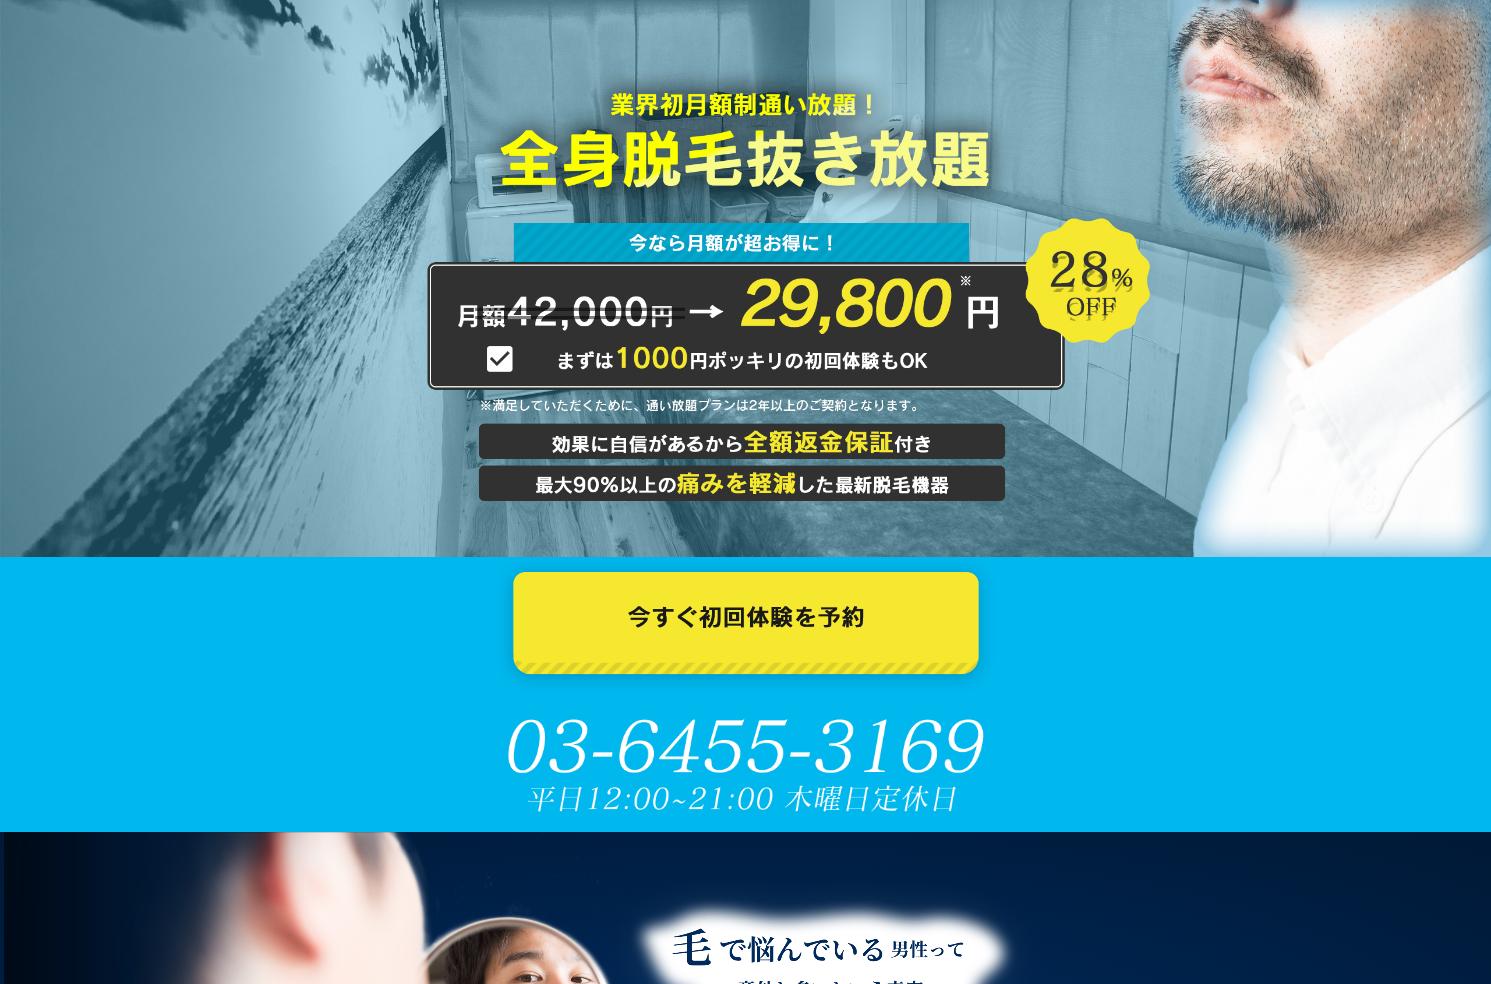 初回体験キャンペーン - 【公式】恵比寿のメンズ脱毛サロン「ビレガ(VIREGA)」